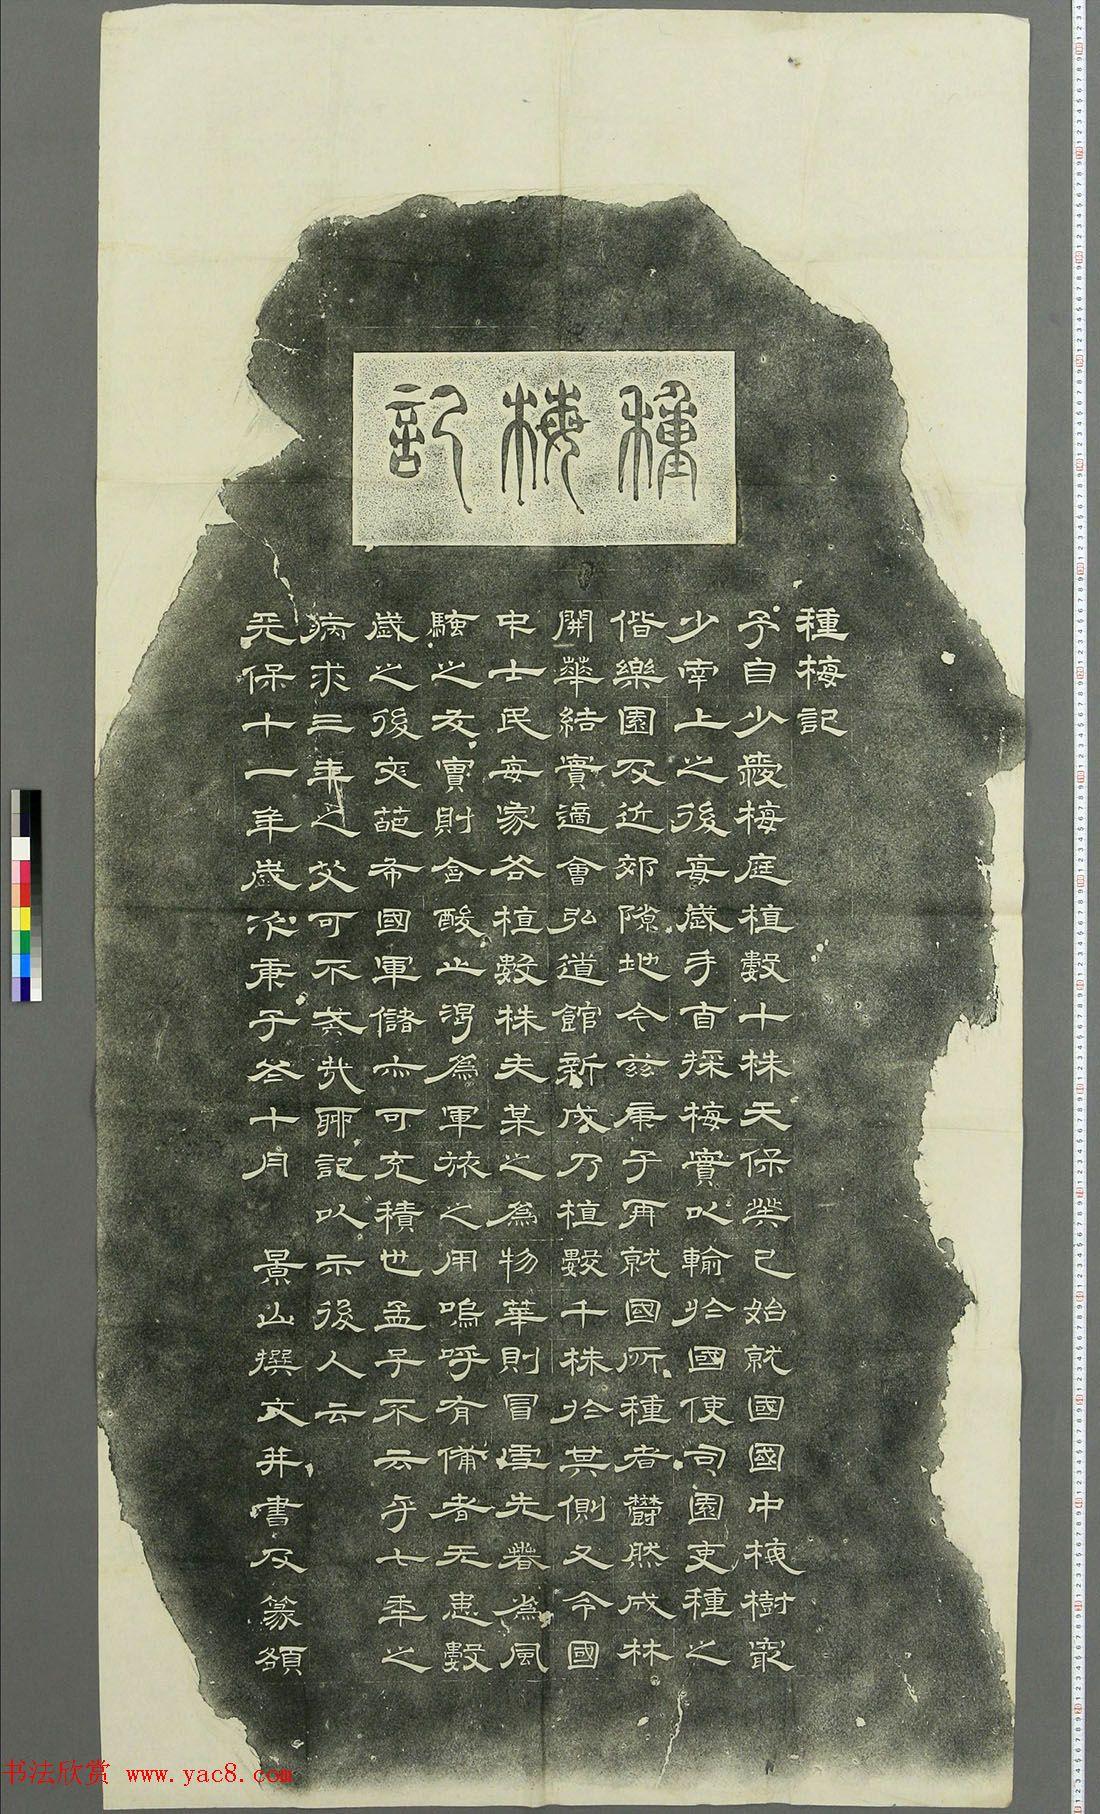 日本景山隶书《种梅记》